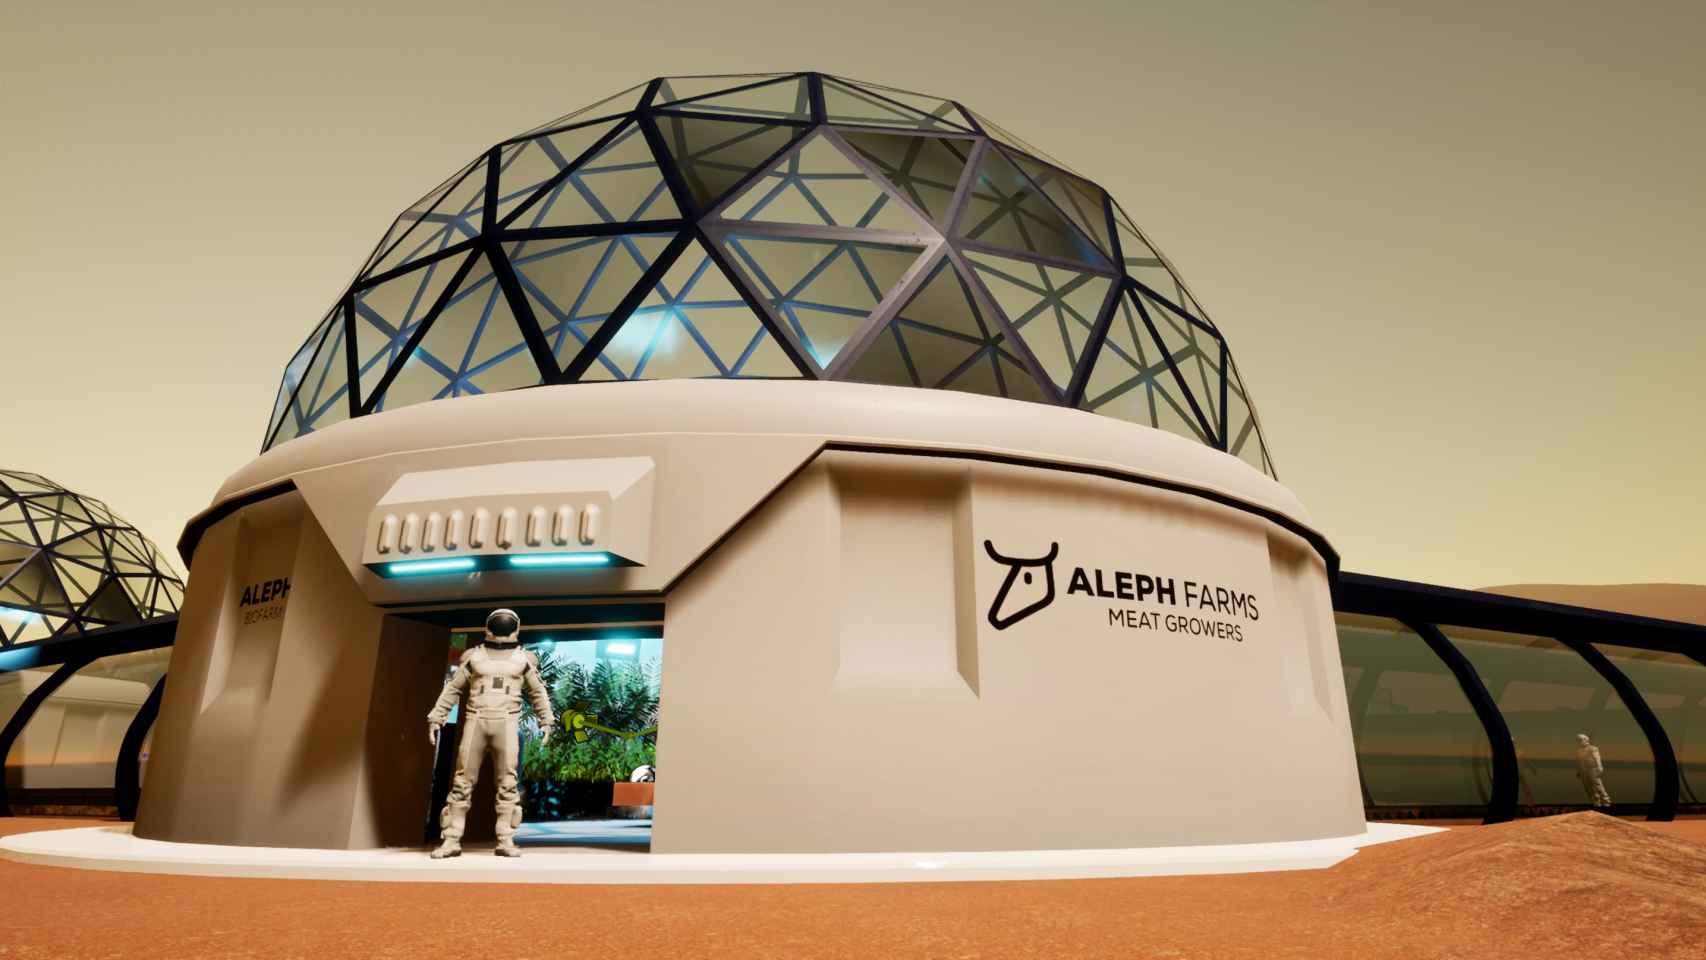 Simulación de las 'Biofarm' creadas por Aleph Farms para sus alimentos del futuro.